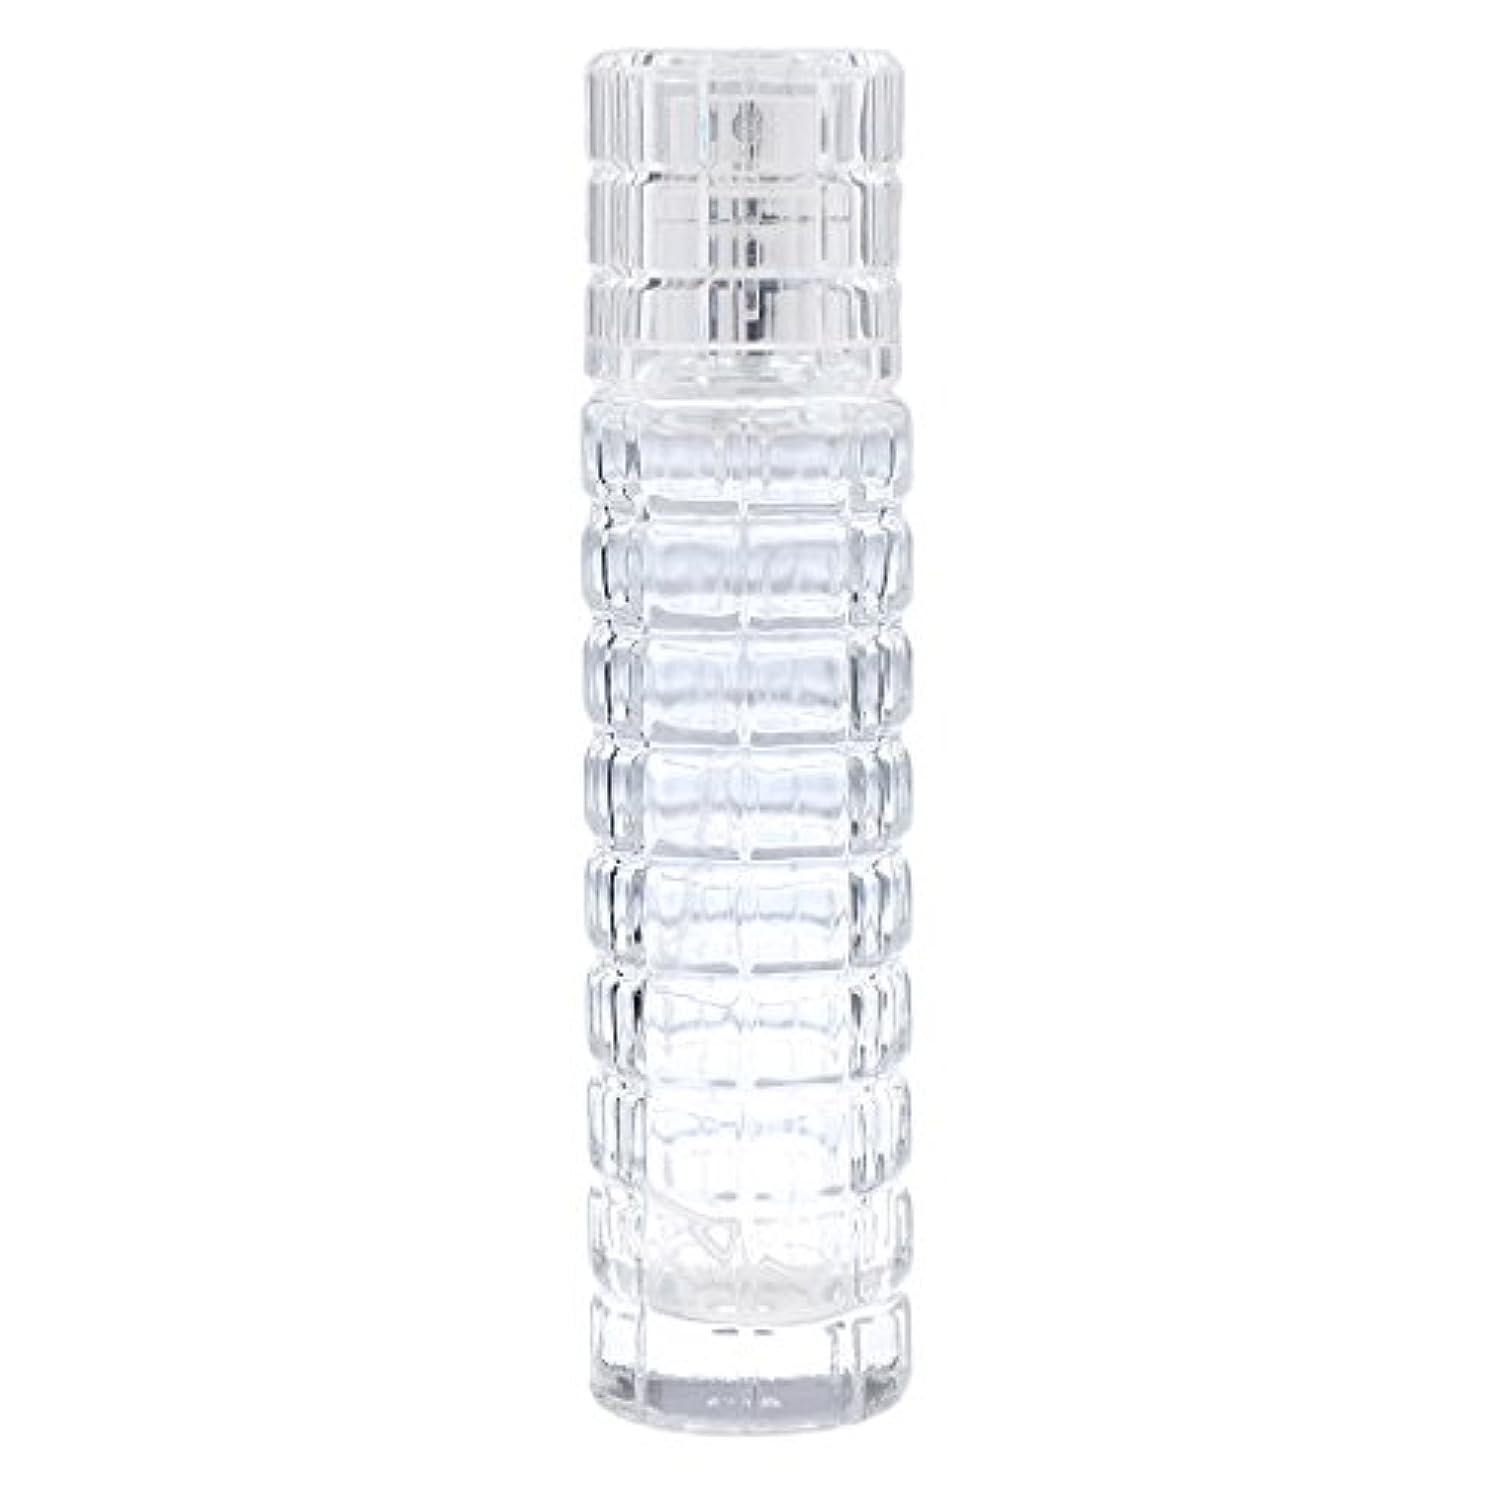 相互接続ほこりスライス詰め替え可能 空 香水ボトル ガラス 香水瓶 アトマイザー スプレー 旅行用 30ml 便利 クリア